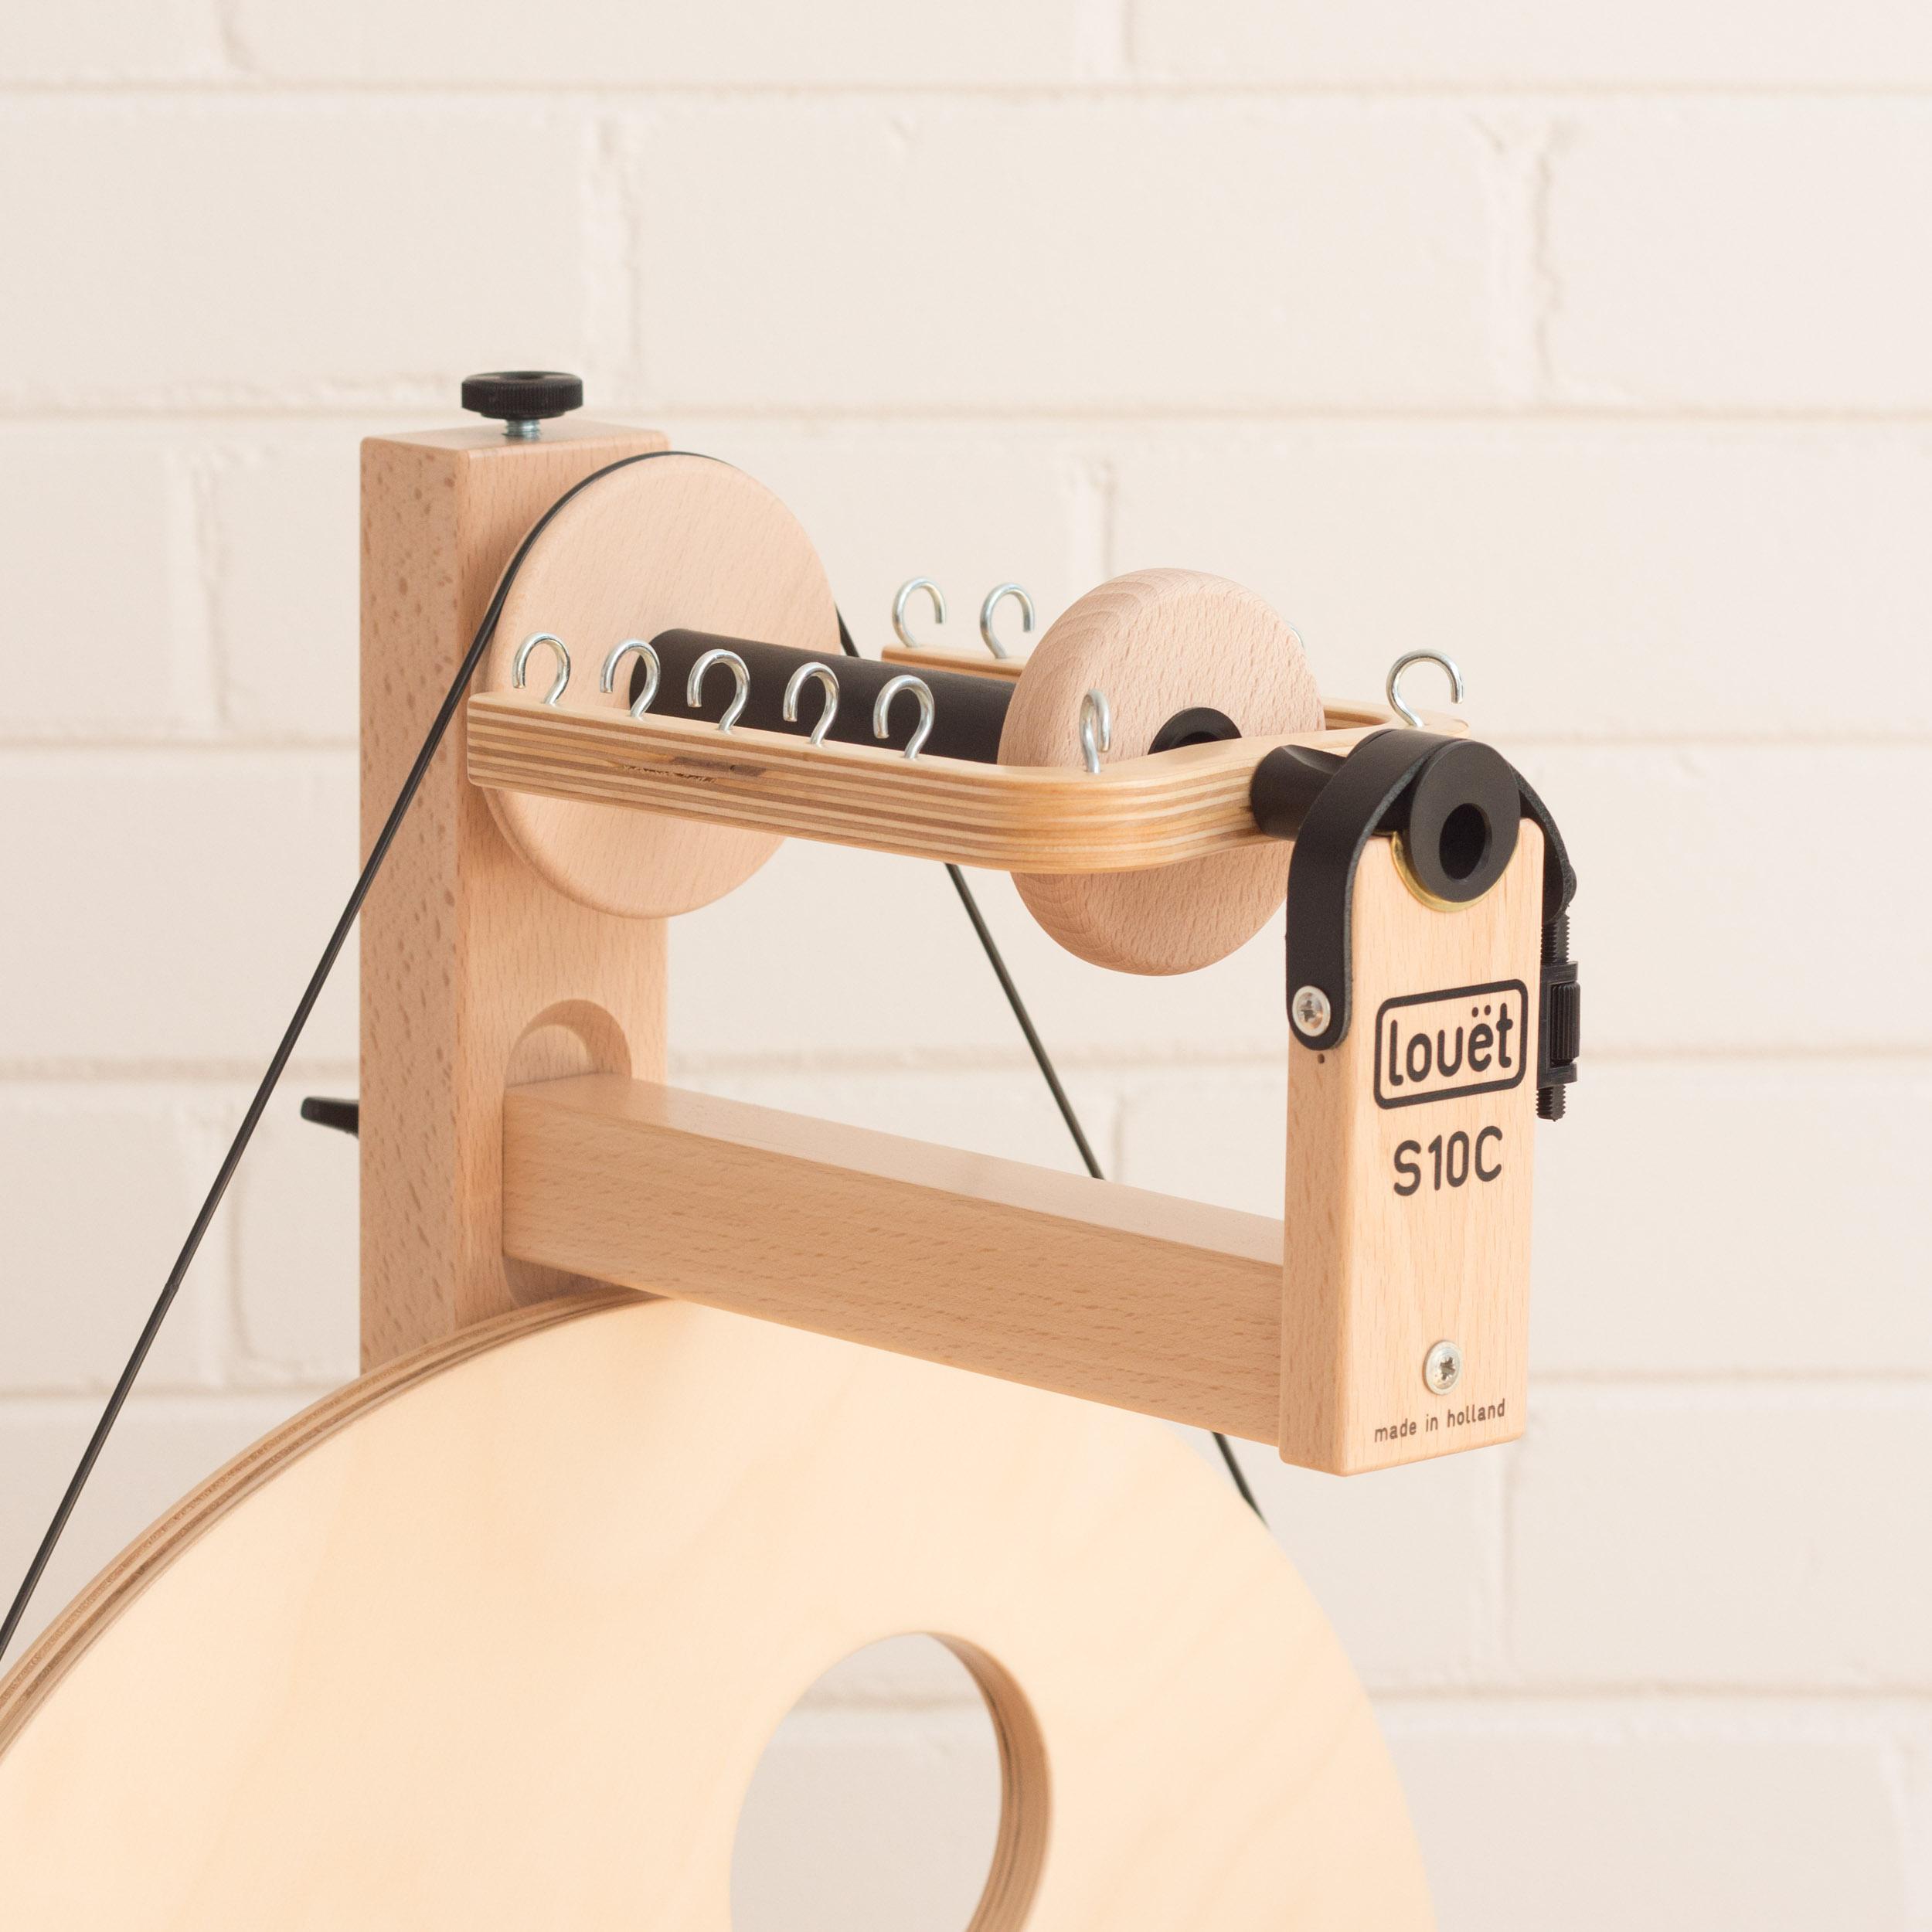 Loom & Spindle - Louet S10C-1.jpg